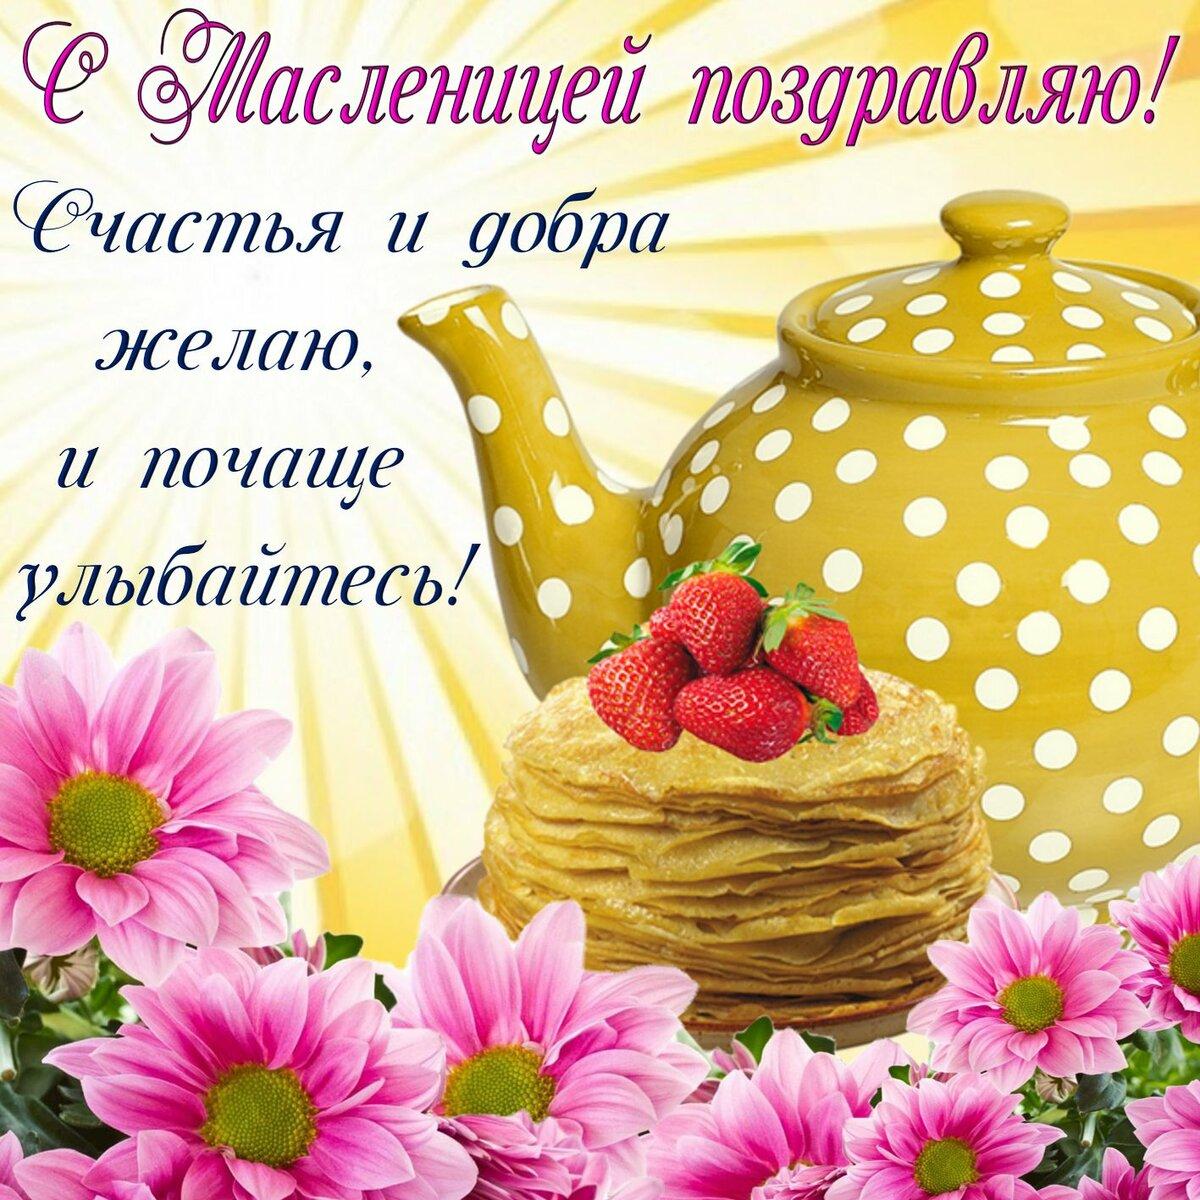 Марта открытки, открытка поздравление друзьям с масленицей